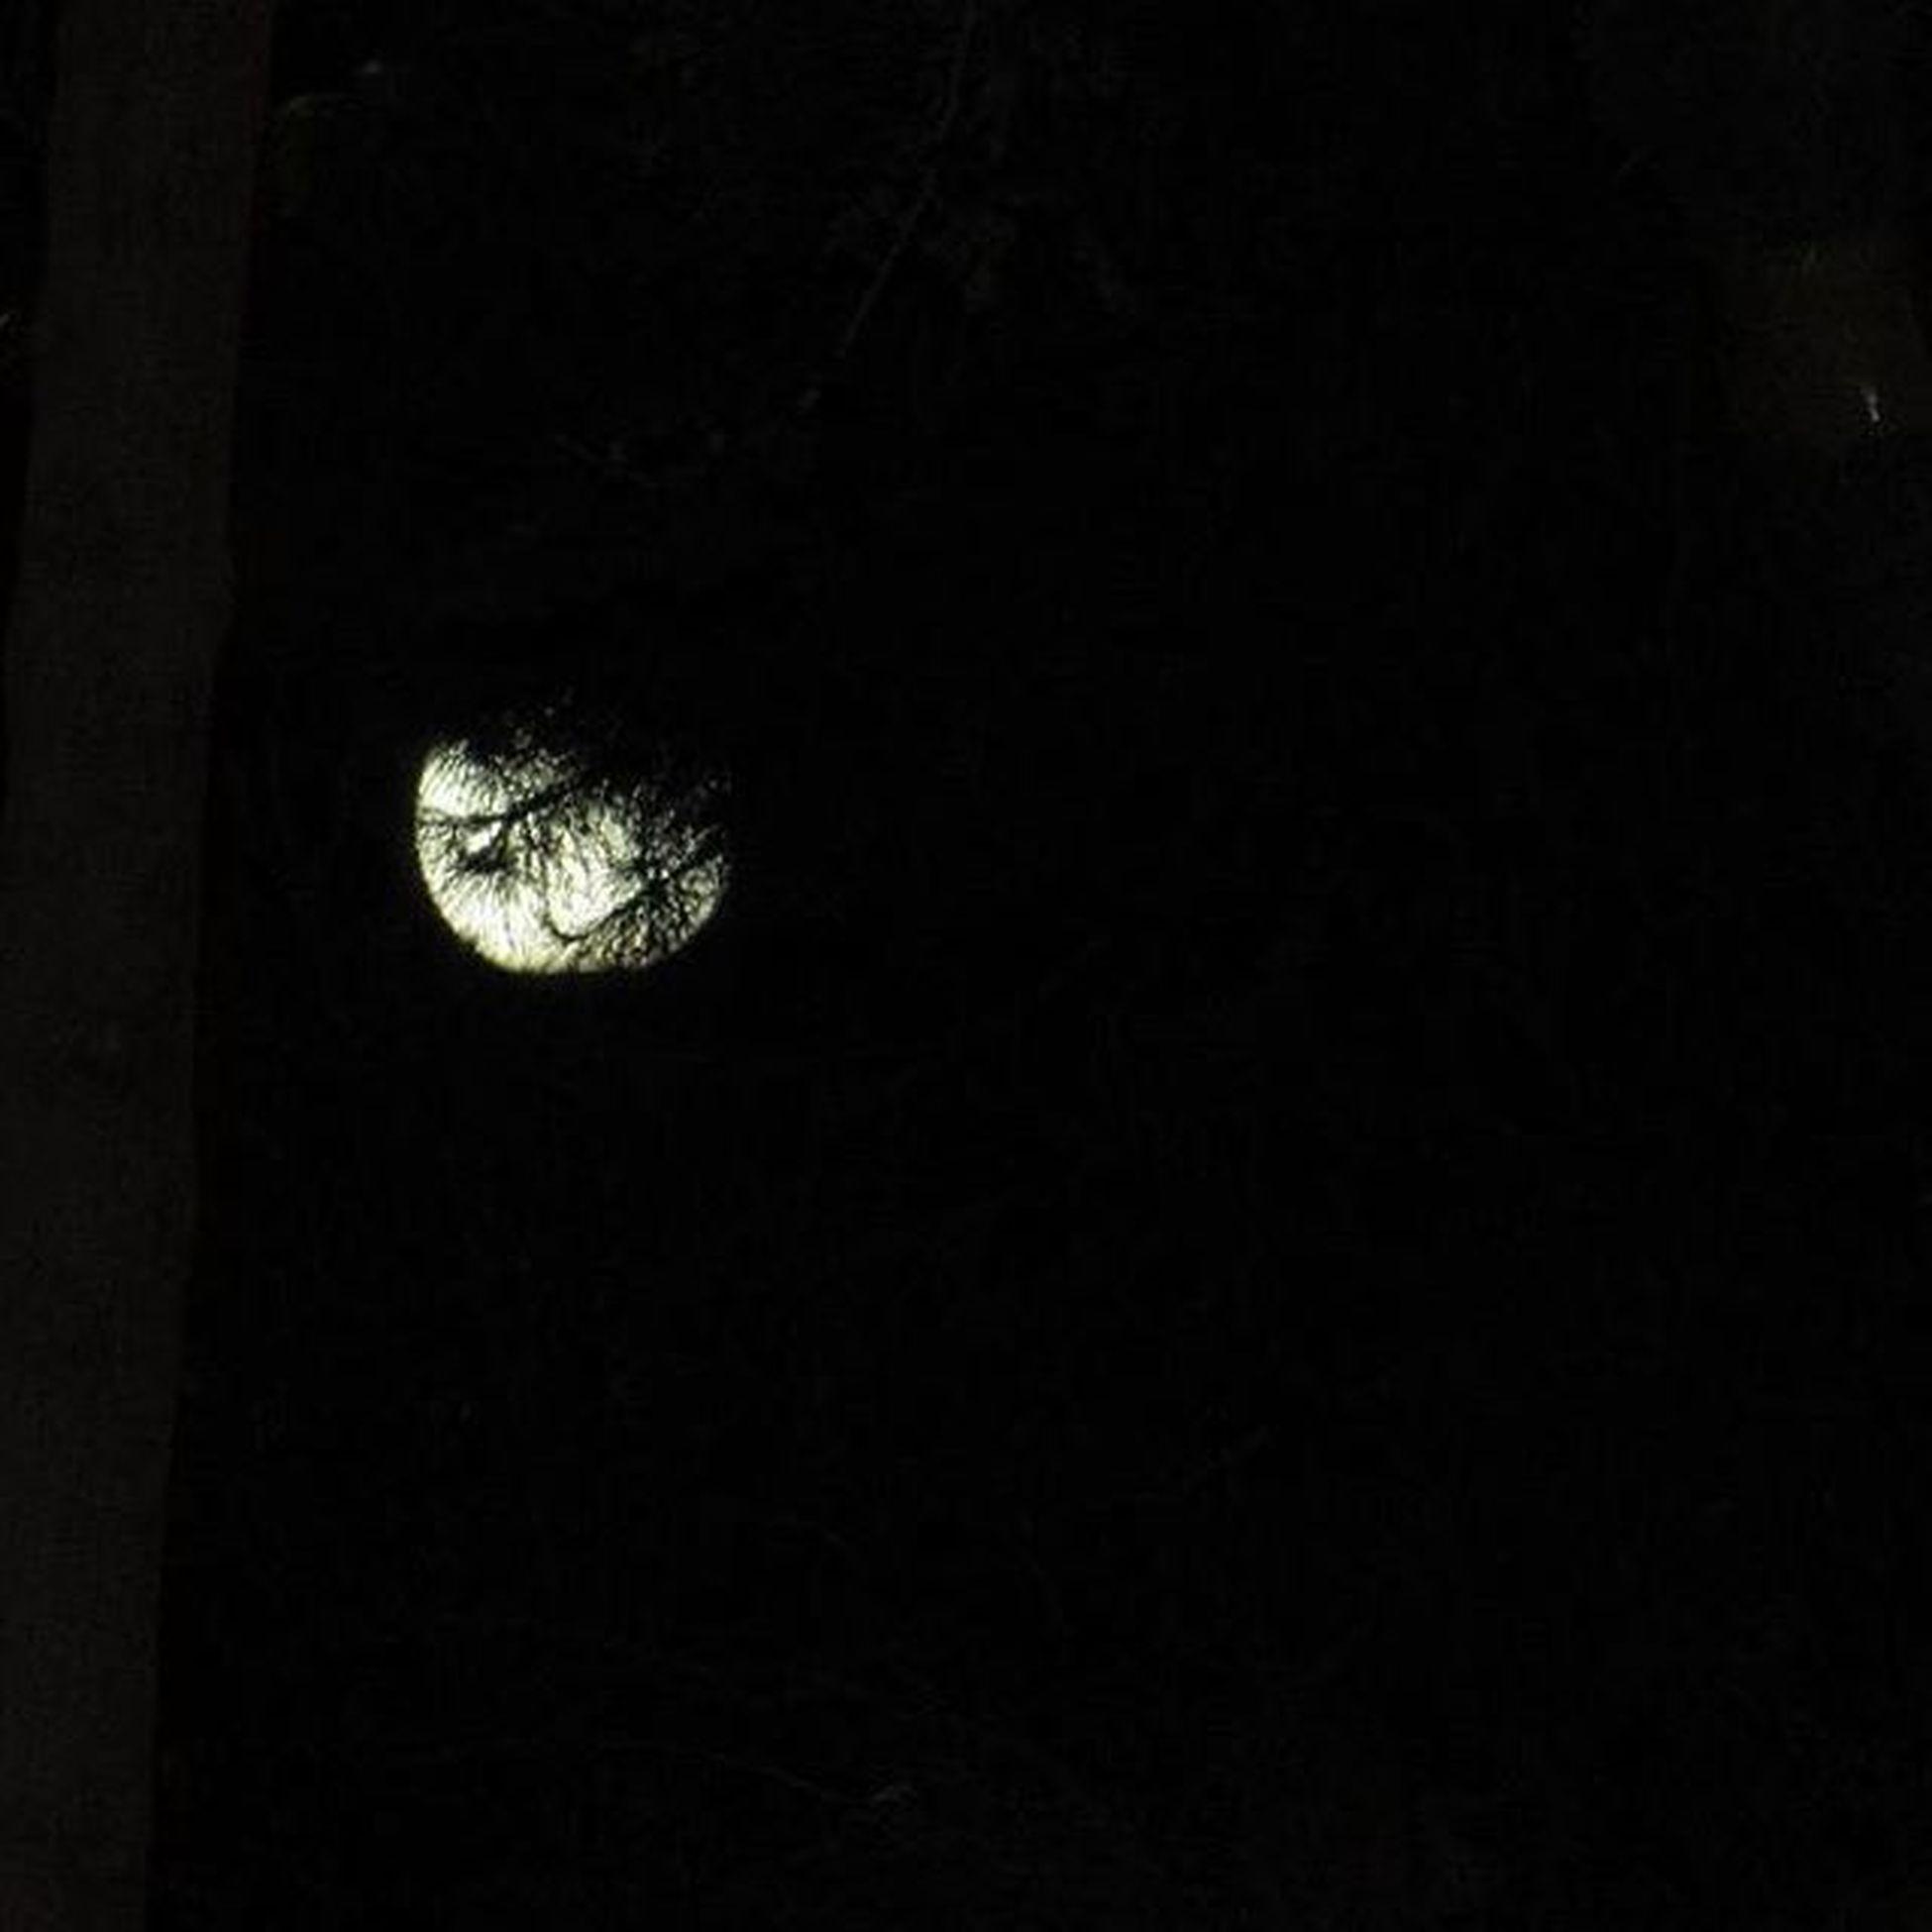 ……………………………………………………………………………………………………… یار_جانی_من_اگر_نماید_نگاهی نماید_از_شفقت_نگاهی_به_ماهی از_شب_غم_من_آن_مه_زداید_سیاهی . . . شاه_من_ماه_من شب همان قرار همیشگی :-) شب راز هرگز فاش نشده است ... برای هر کس رمزی و رازی دارد... از عارفان و عاشقان و مستان گرفته تا دزدان و شبگرد ها و مجانین... ماه مثل آیینه ای هست که هر کس ب آن نگاه کند خودش را میبیند... معشوقش را میبیند... یا غمها و ترس های ریخته در خود یکی شب تا صبح فقط با خودش کلنجار میرود یکی شب را اشک میریزد بی صدا تا مبادا کسی متوجه شود یکی عاشقانه هایش را مرور میکند... یکی... این یکی ها ... یکی یکی زندگی میکنند و یکی یکی میمیرند این یکی ها هر کدامشان جهانی هستند به وسعت شب… همه یکی ها سزاوار ستایشند:-) :-) . . پ ن۱:یه_شب_مهتاب فرهاد_مهراد پ ن۲:شب من بخیر نمیشود… پ ن۳:اولین تحقیق :-)) پ ن۴:حس درد کهنه پ ن۵:تولد دوباره در خوابگاه پ ن۶:گل_پاییزی_من هانیه_سامعی ۱از چنتا عکس ماه:-))) Photo by:گل_پاییزی_من ۷/۲/۹۵ ۰۲:۲۰ ………………………………………………………………………………………………………